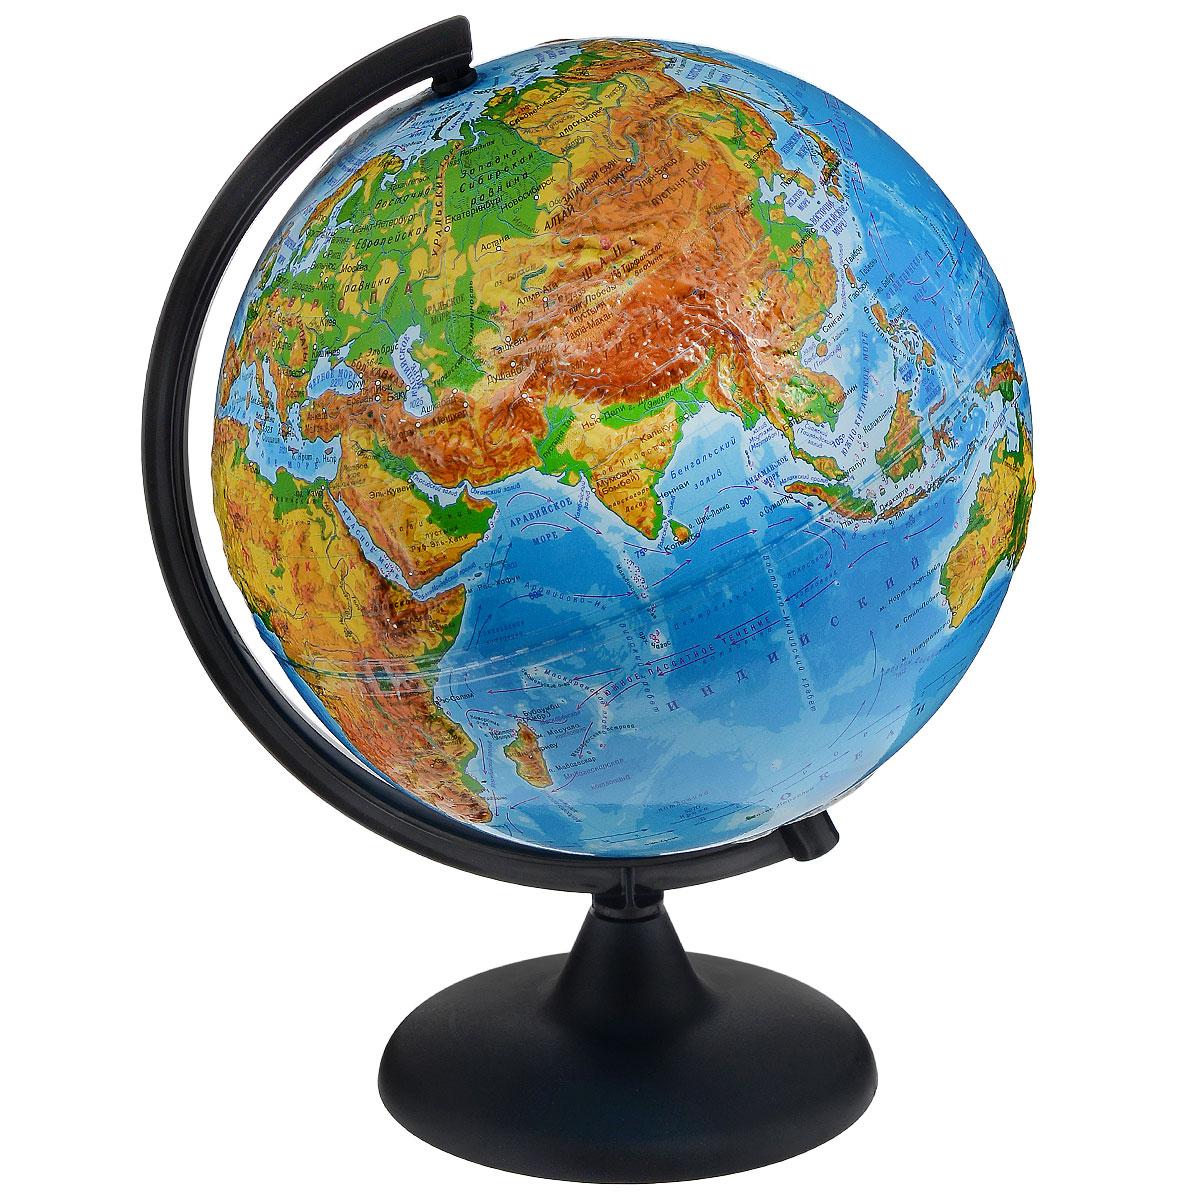 Глобусный мир Глобус с физической картой, рельефный, диаметр 25 см, на подставке